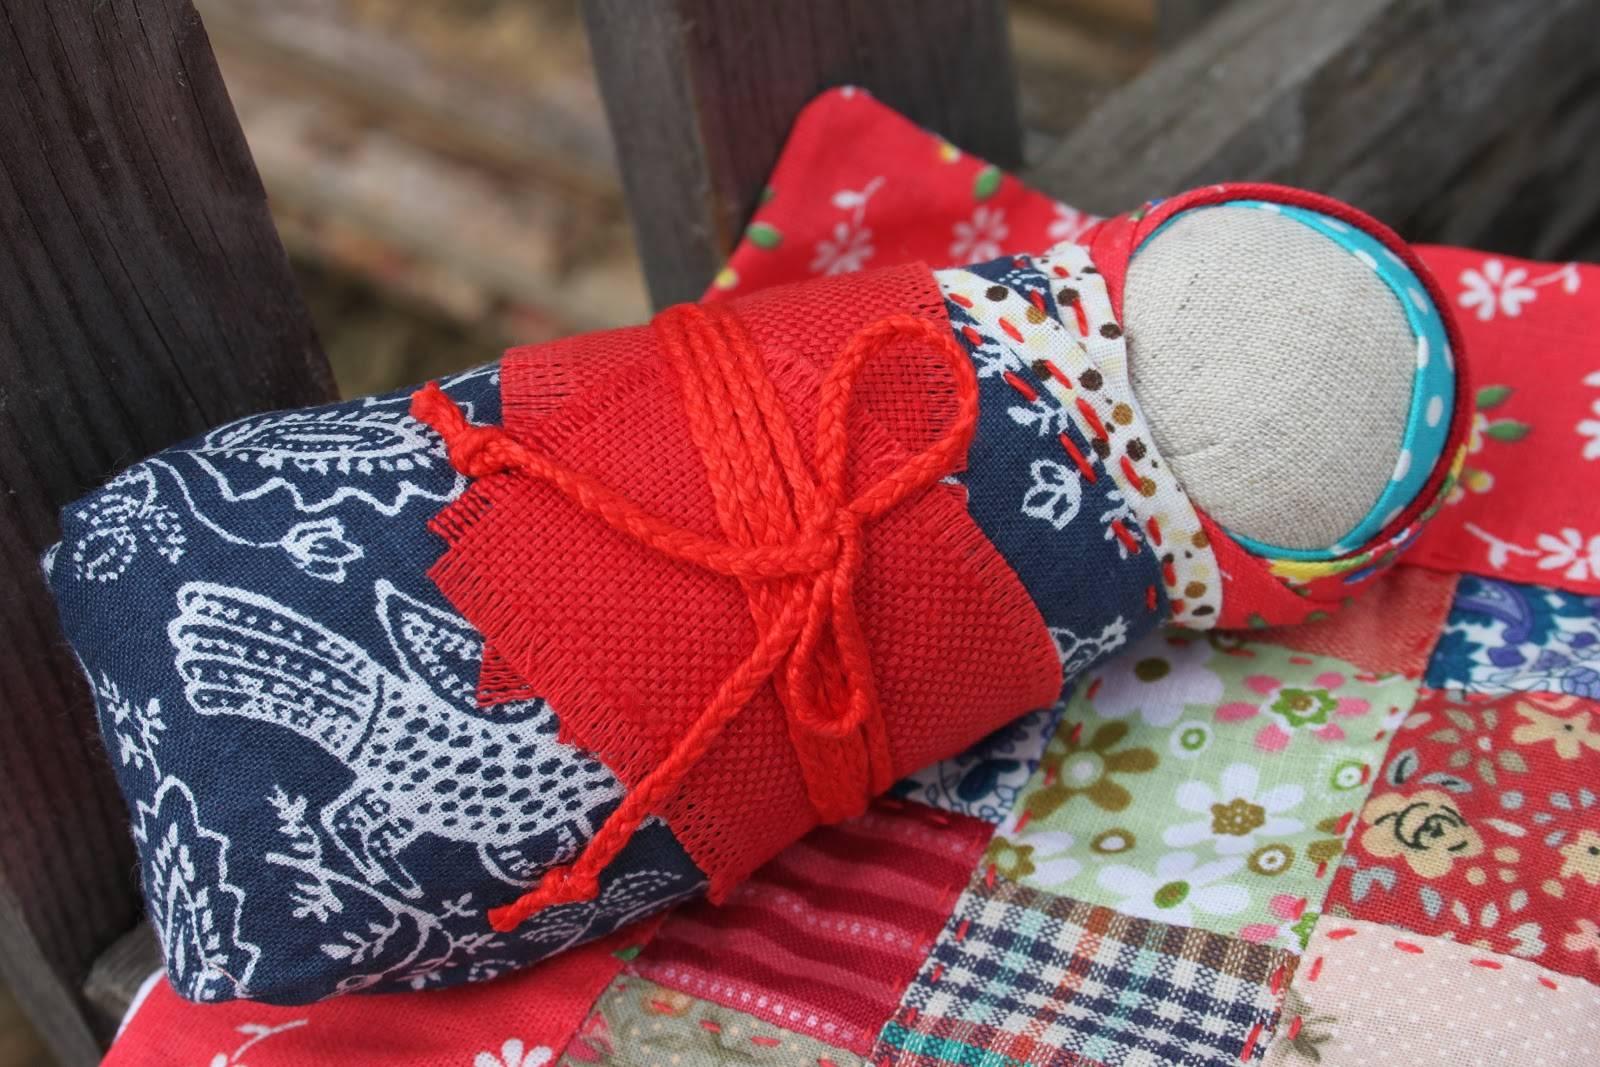 Кукла пеленашка своими руками - пошаговая инструкция, значение оберега